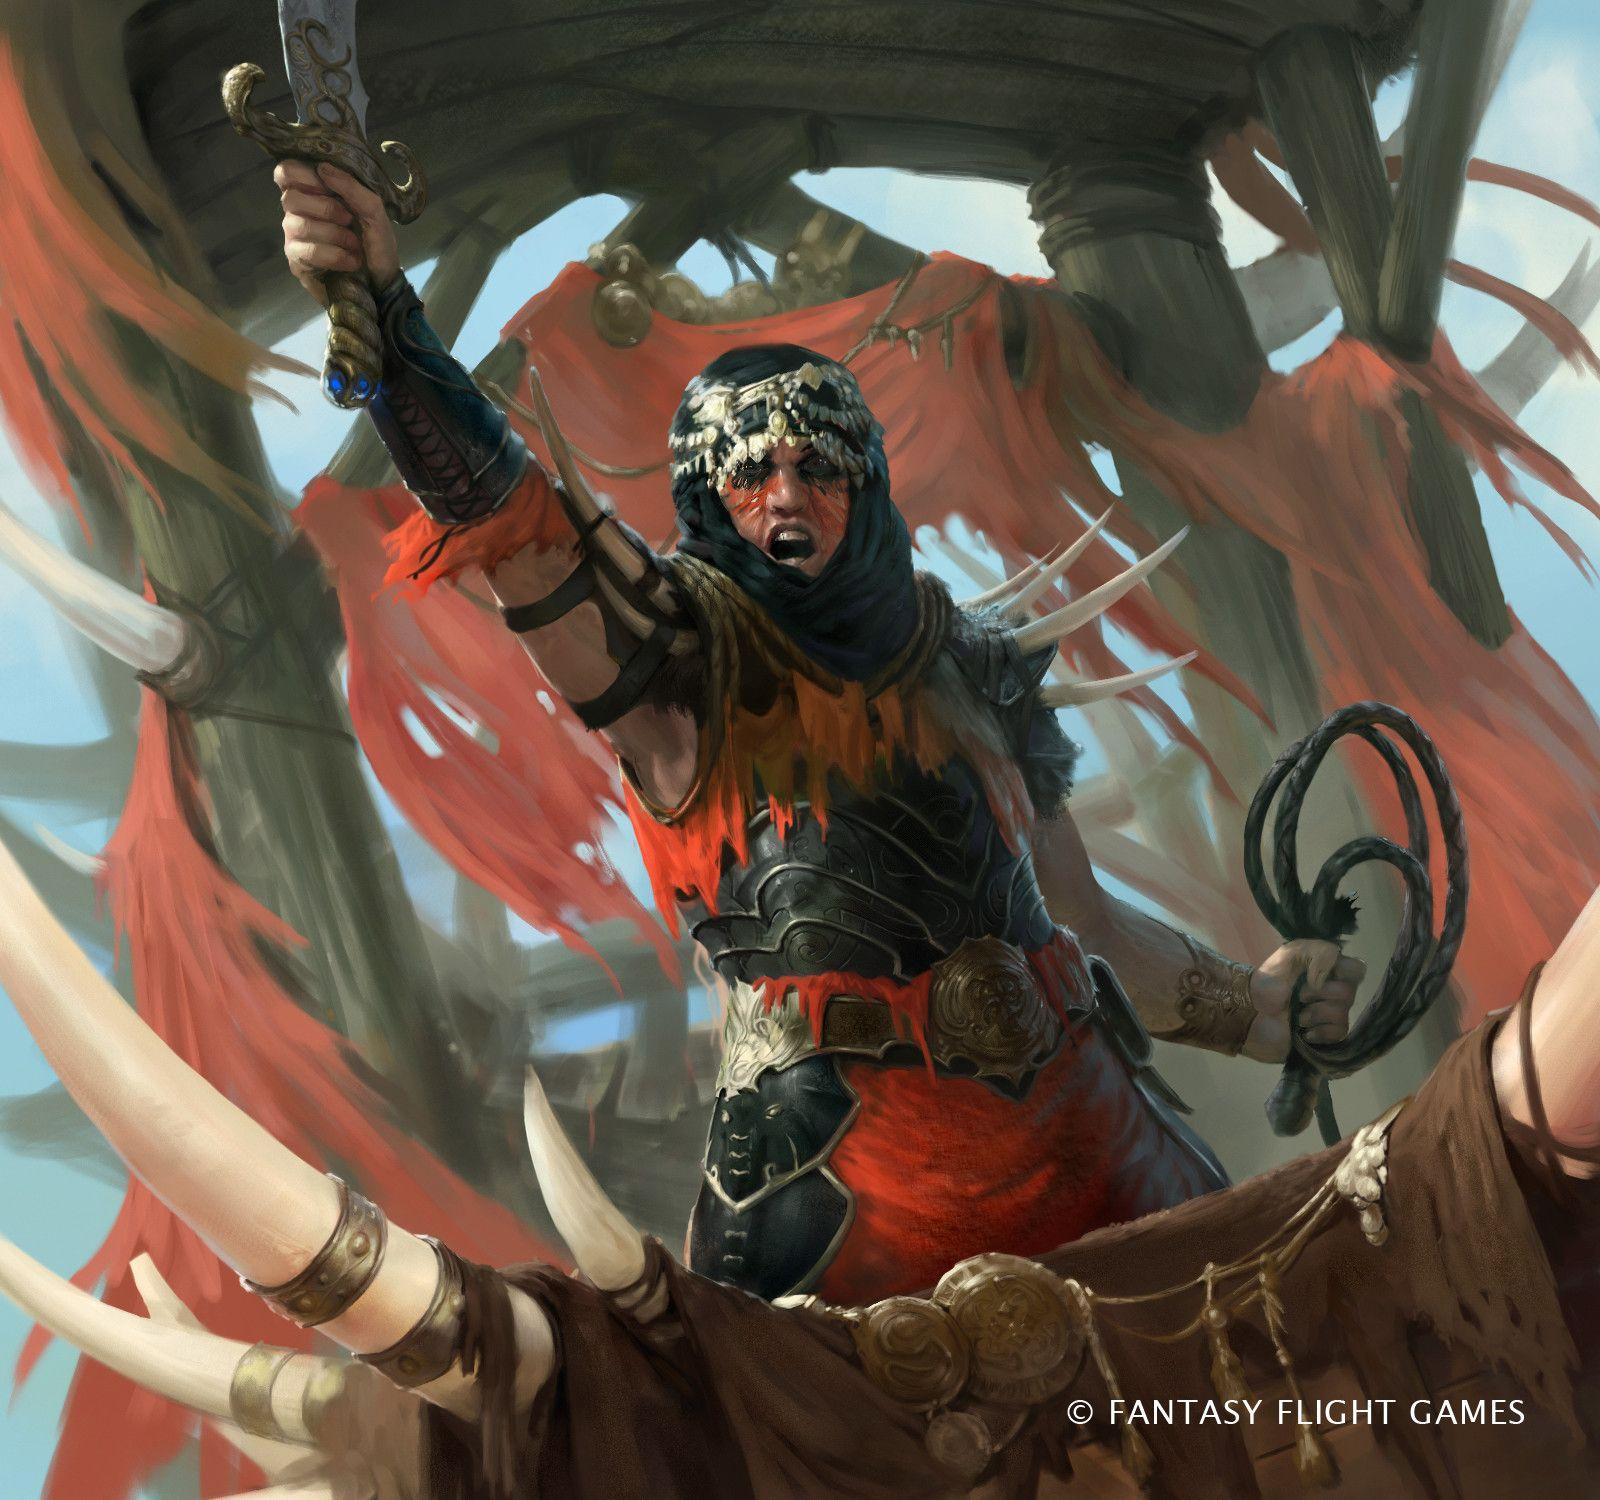 Haradrim Captain, Guillaume Ducos on ArtStation at https